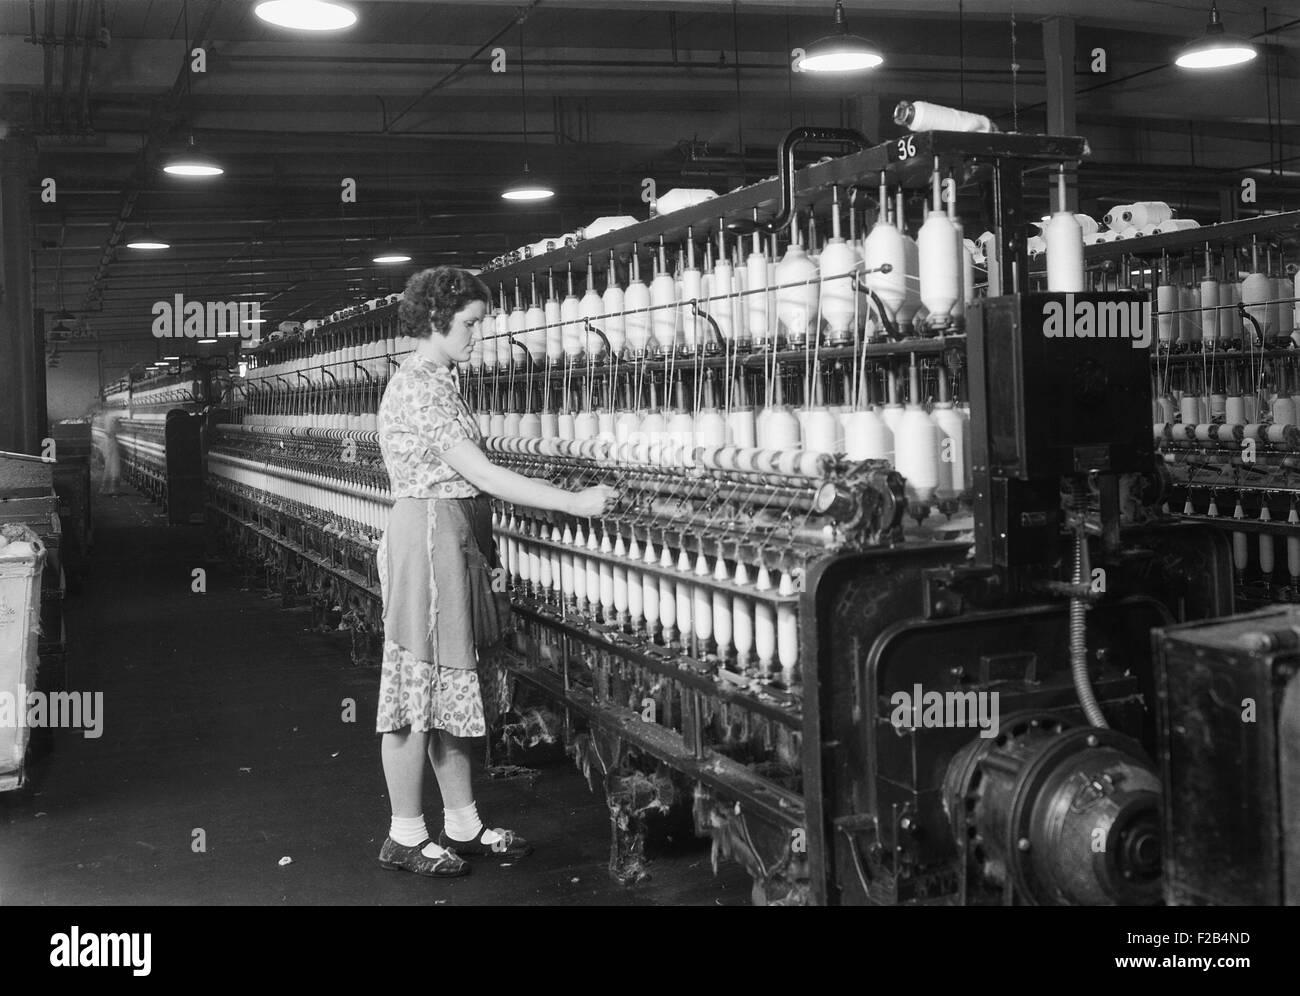 La donna in piedi alla lunga fila di bobine, ad una fabbrica tessile. Millville, N.J. 1936. Foto di Lewis Hine. Immagini Stock